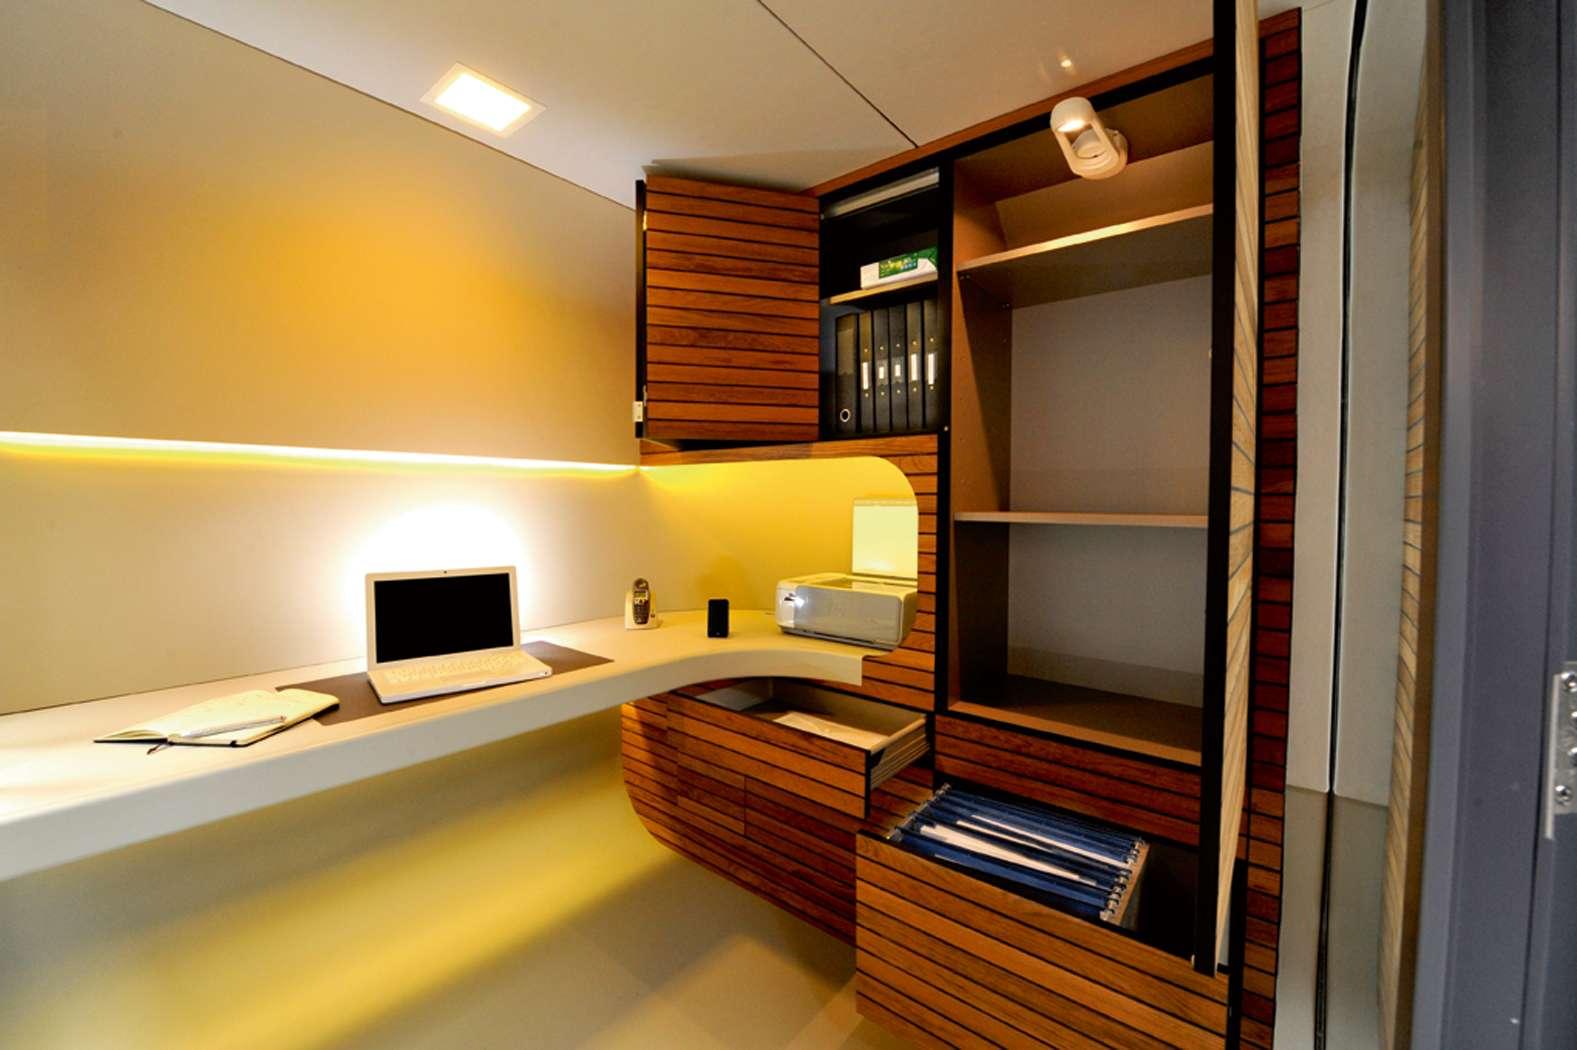 Мебель дизайн фото домашнее